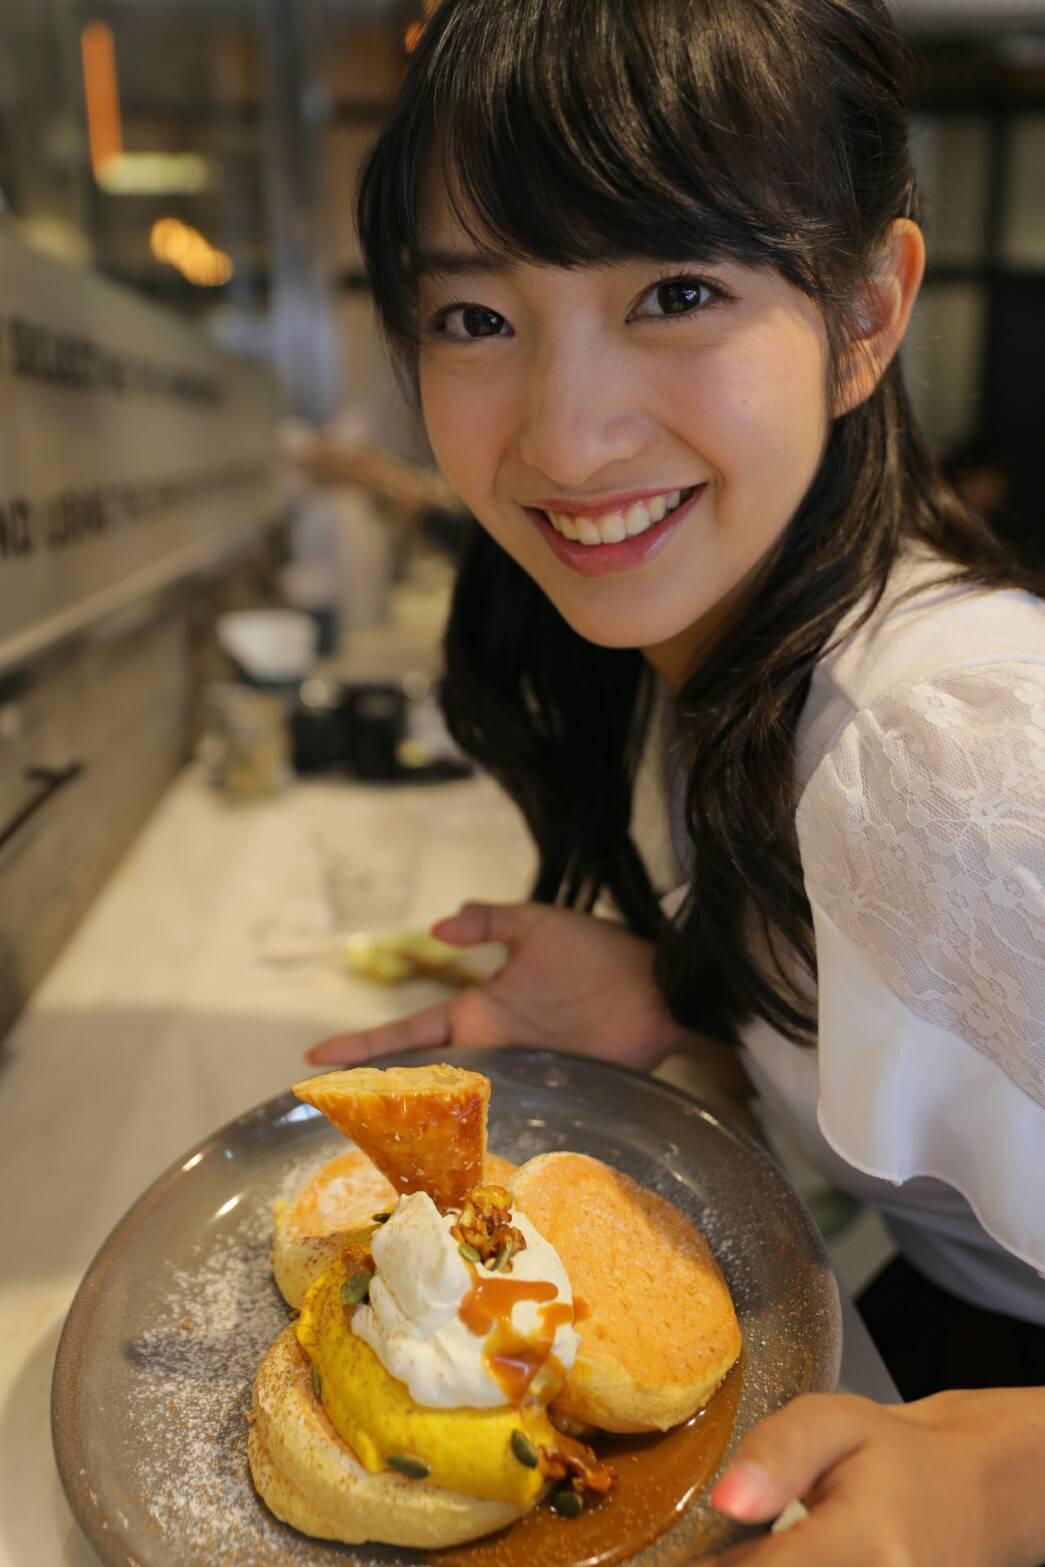 ふわふわ♡ハロウィン限定『奇跡の』パンケーキ(*´꒳`*)_1_3